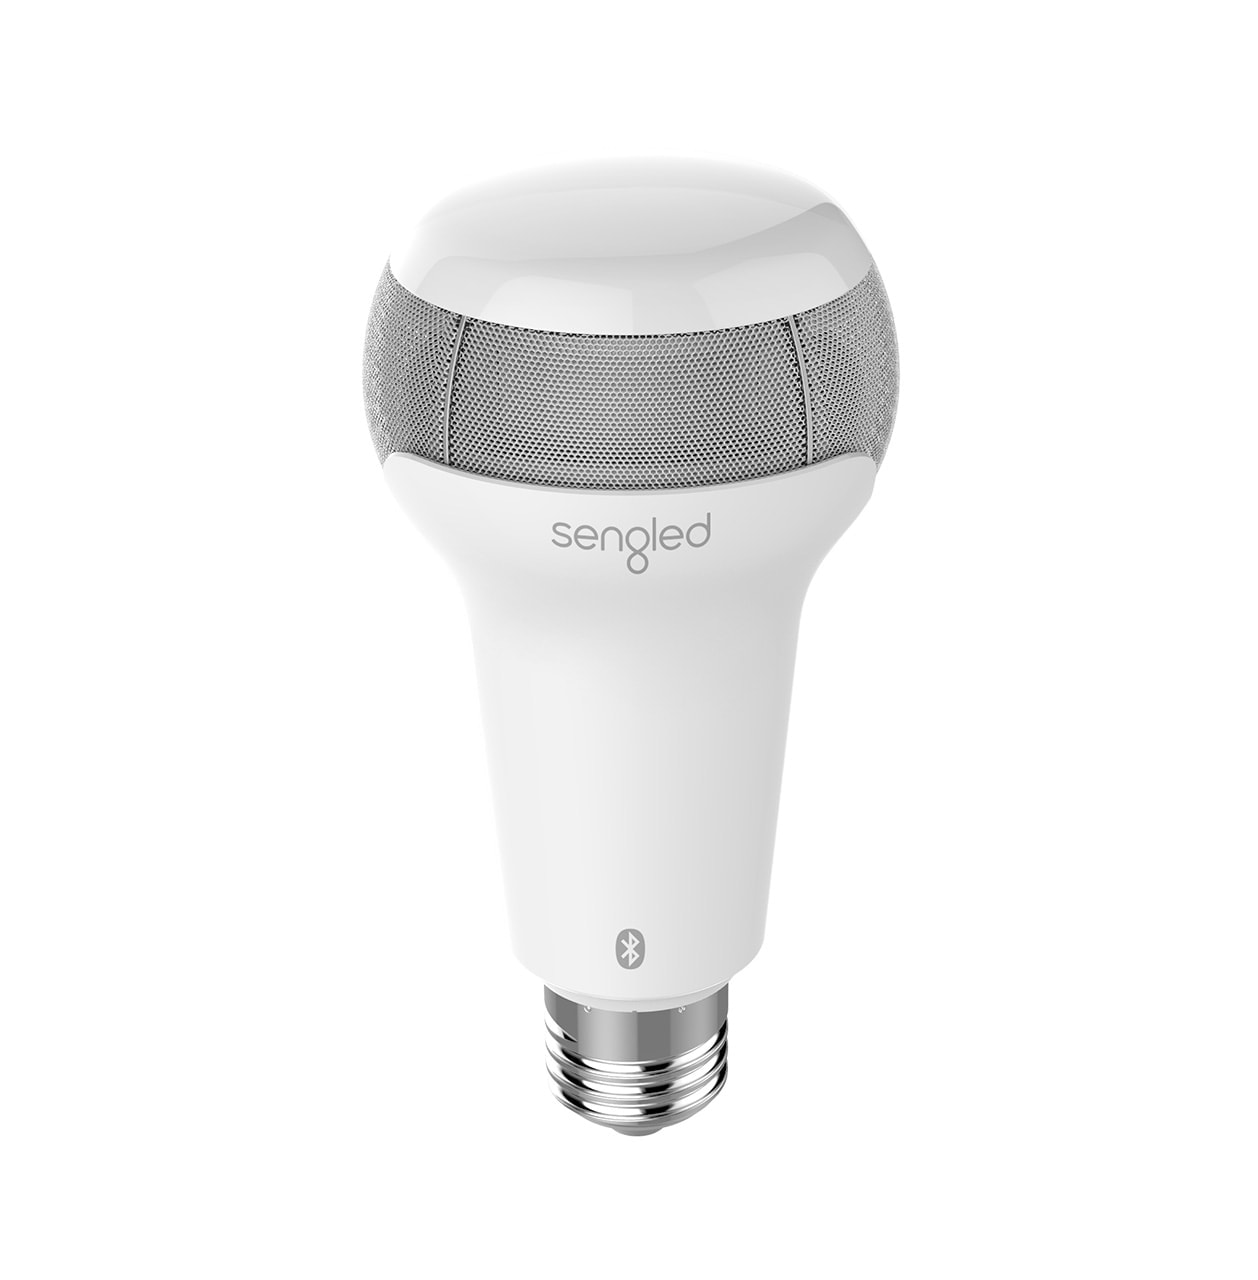 Sengled Pulse Solo / Ampoule LED E27-Enceinte JBL 6W BT (C01-A66EA-E27 **) - Achat / Vente Objet connecté / Domotique sur Cybertek.fr - 0